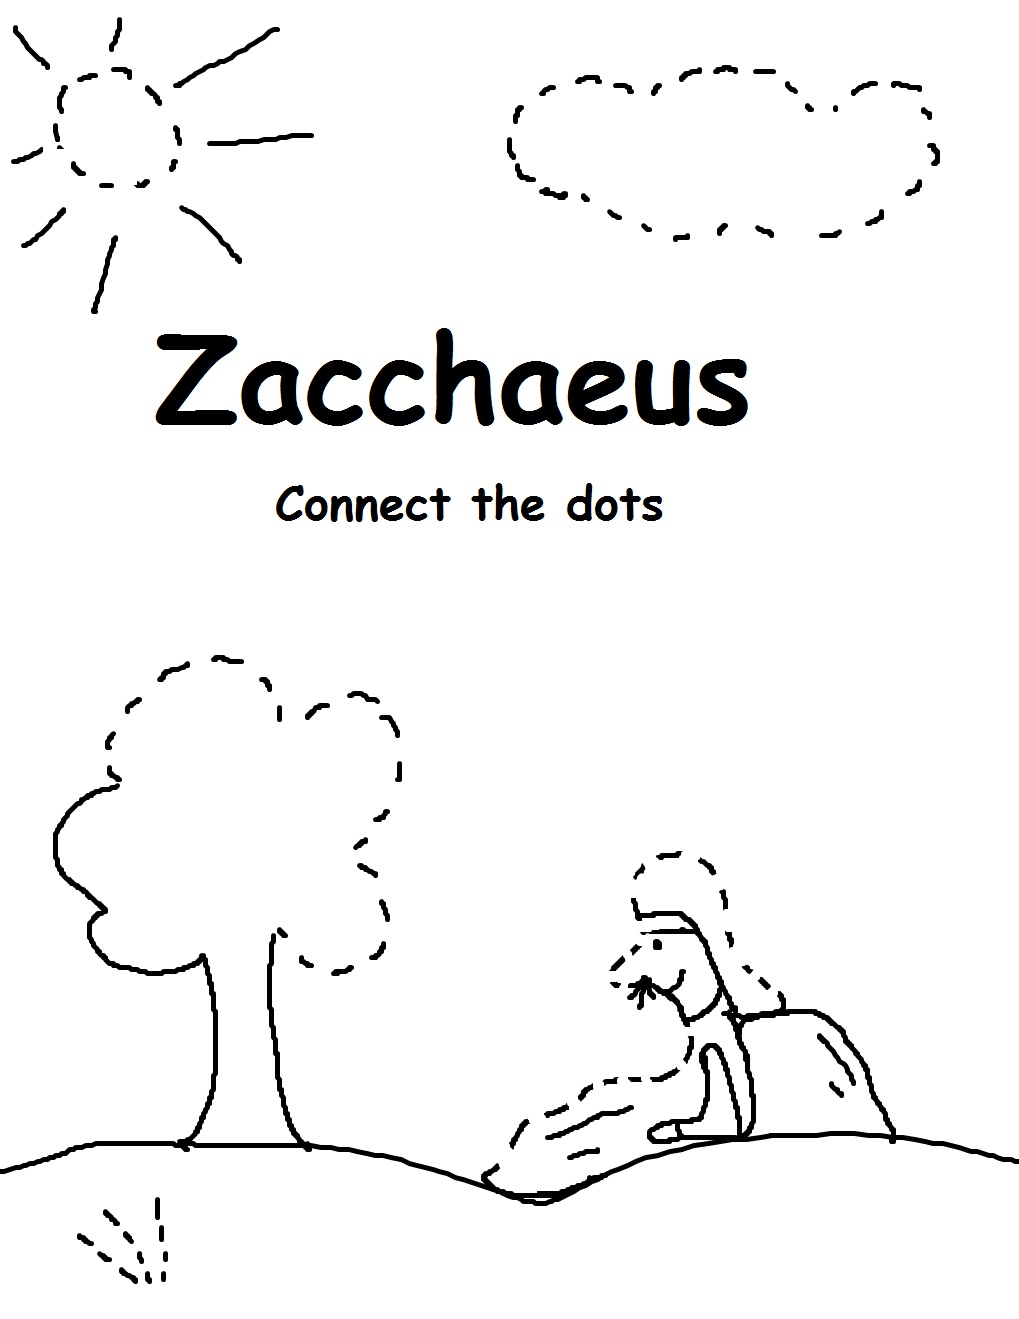 Zaccheus